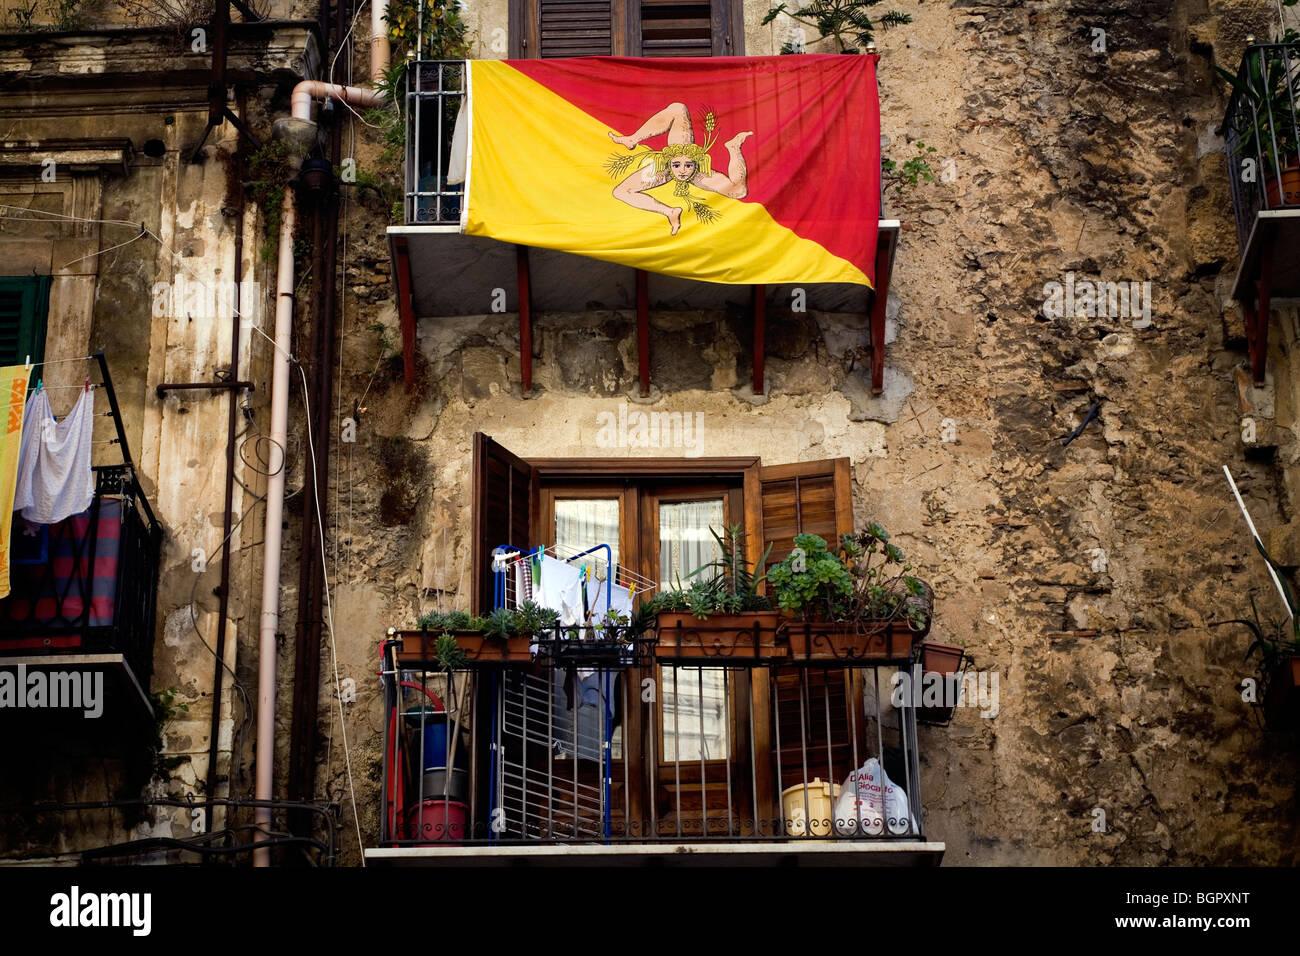 Drapeau sicilien sur un balcon de Palerme, Sicile, Italie. Photo Stock